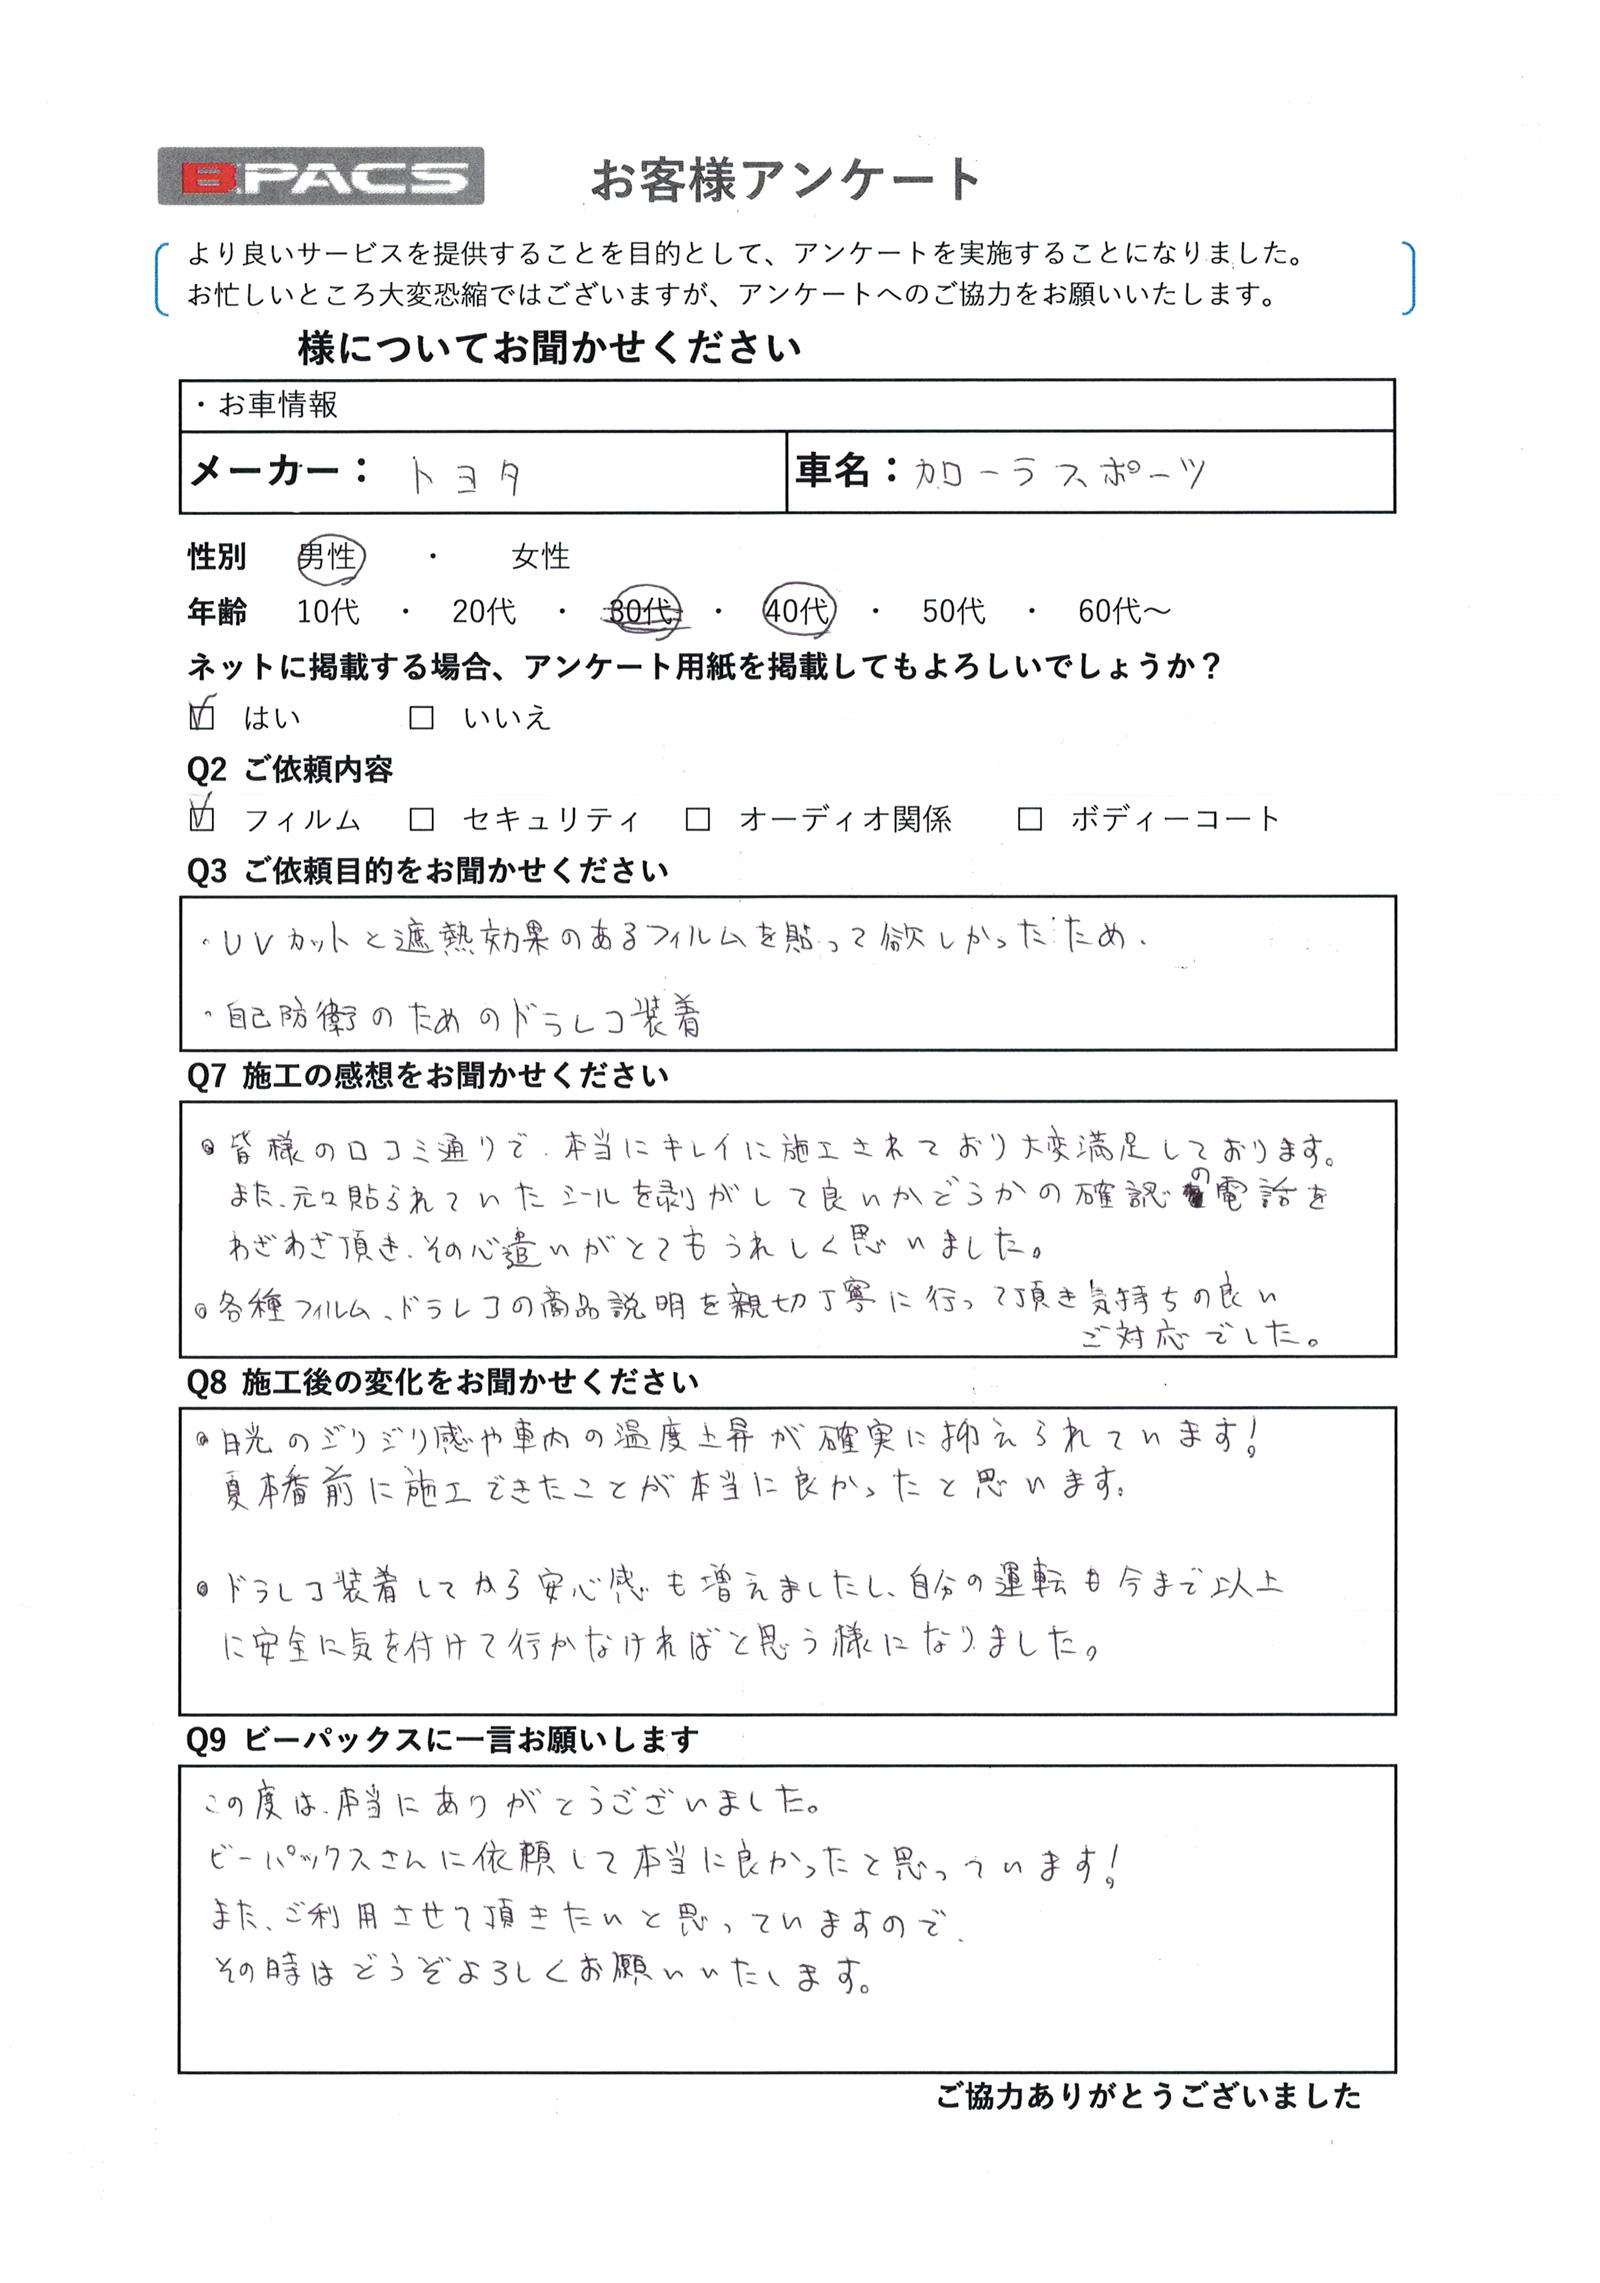 ビーパックスへのクチコミ/お客様の声:I.A. 様(京都市右京区)/トヨタ カローラスポーツ